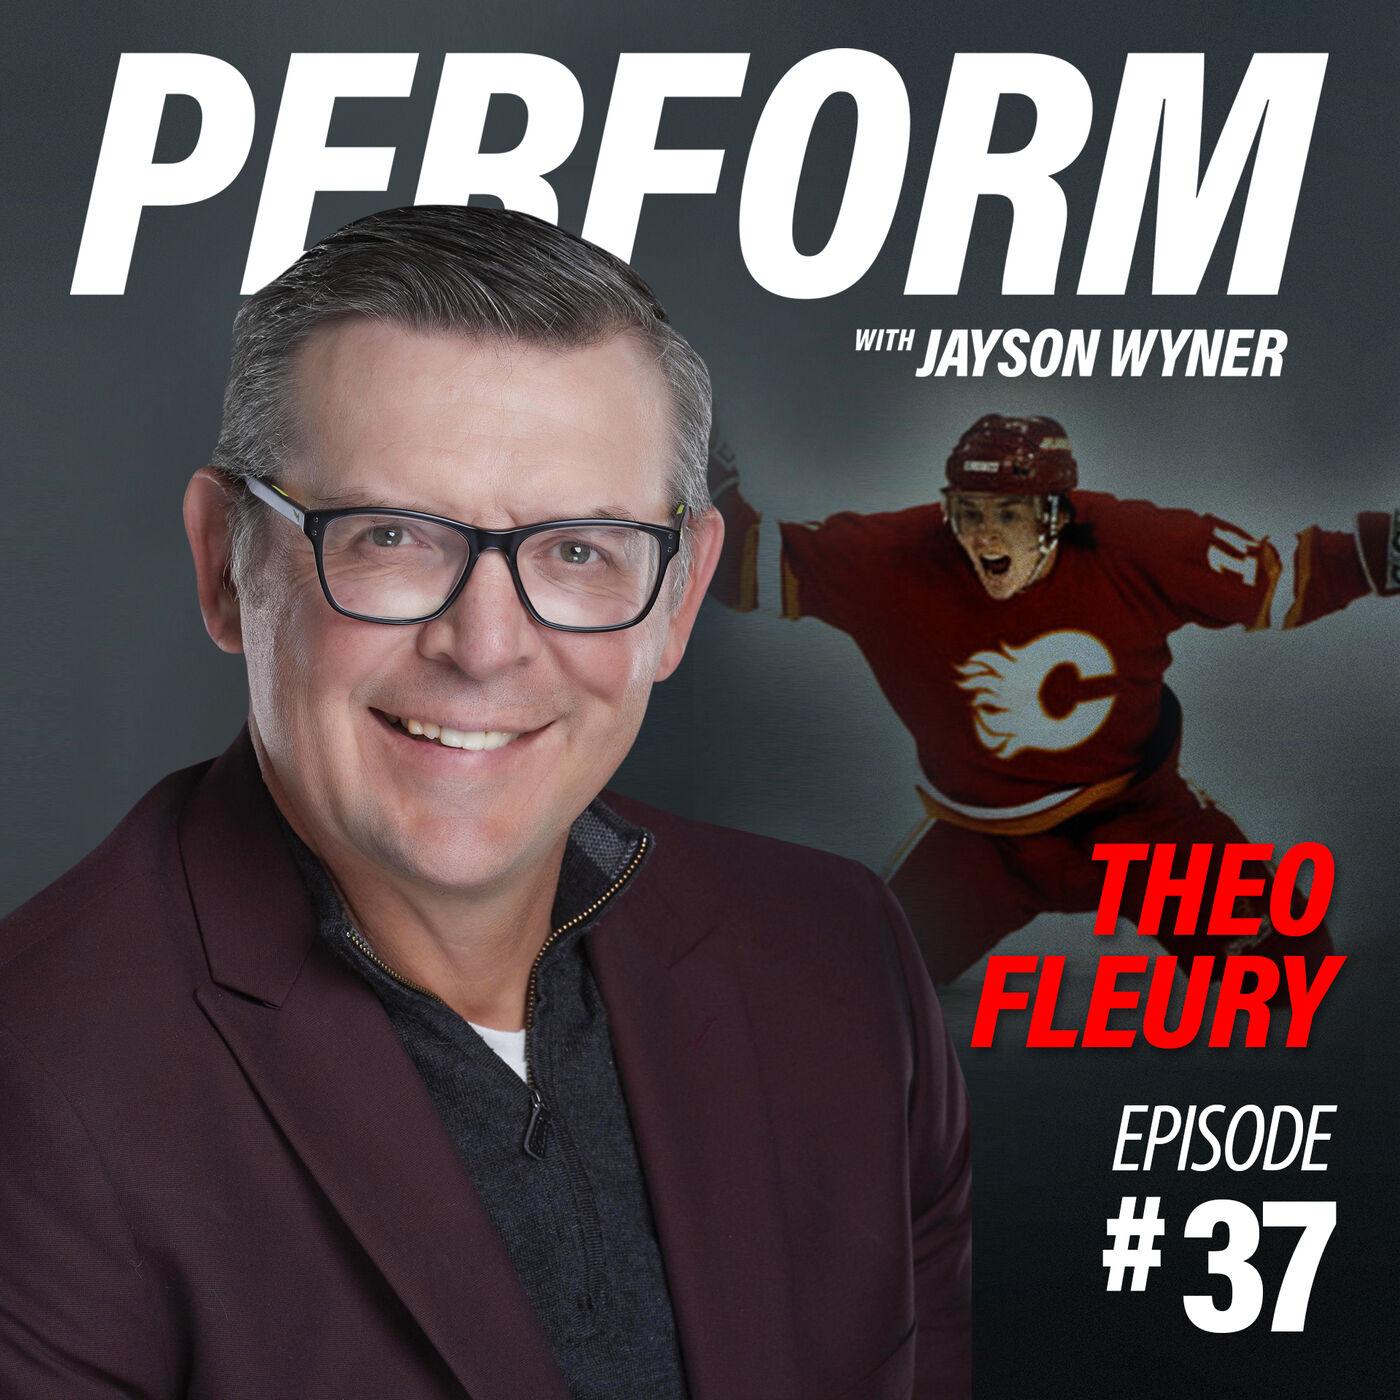 PERFORM Podcast E037 - Theo Fleury